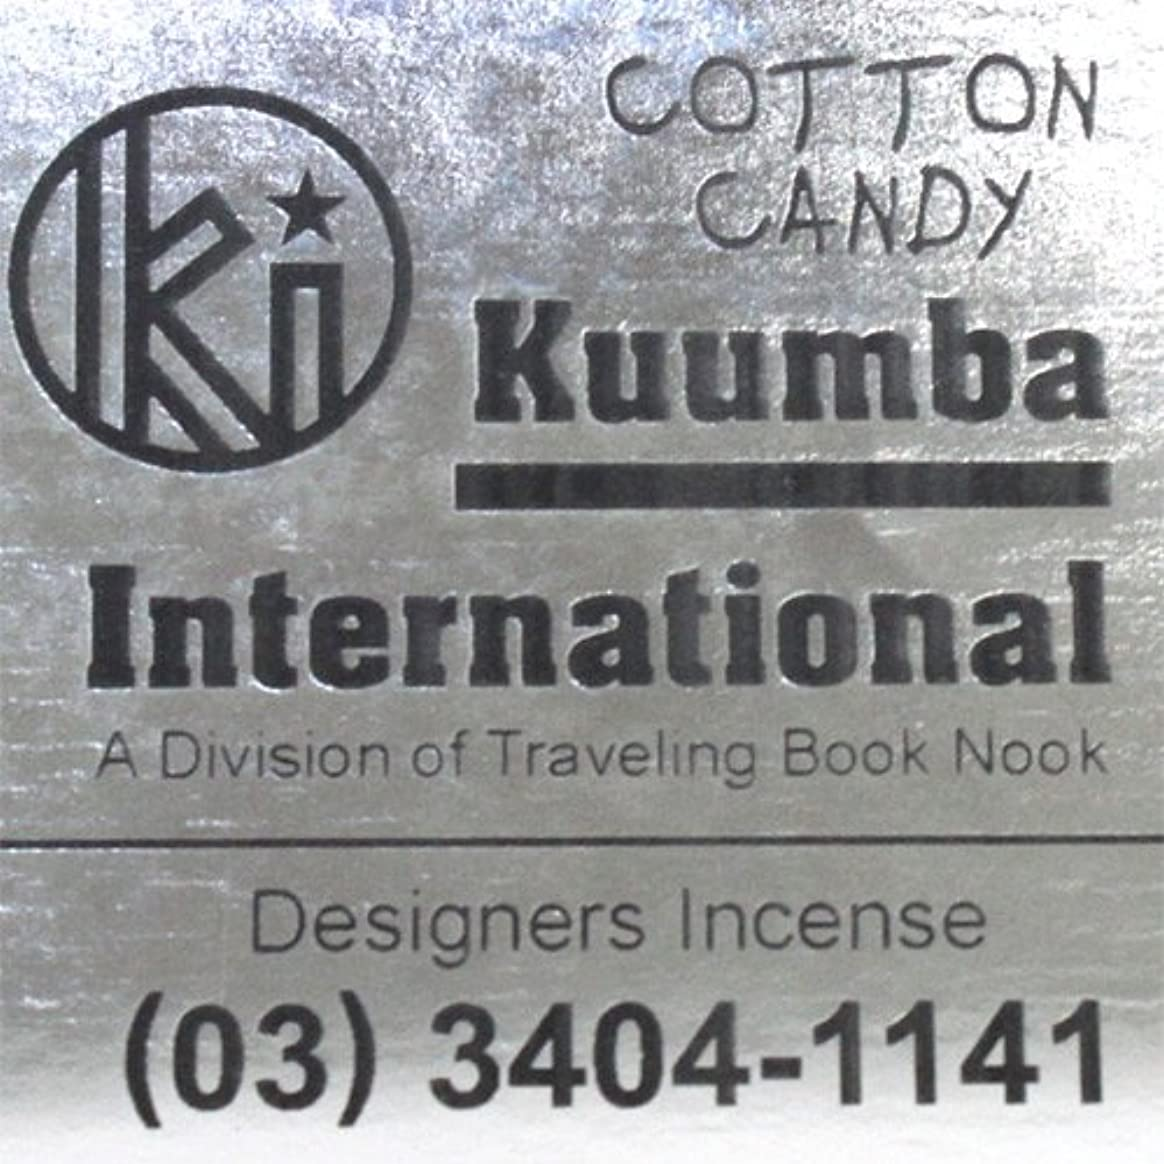 そのような寄稿者治療KUUMBA / クンバ『incense』(COTTON CANDY) (Regular size)